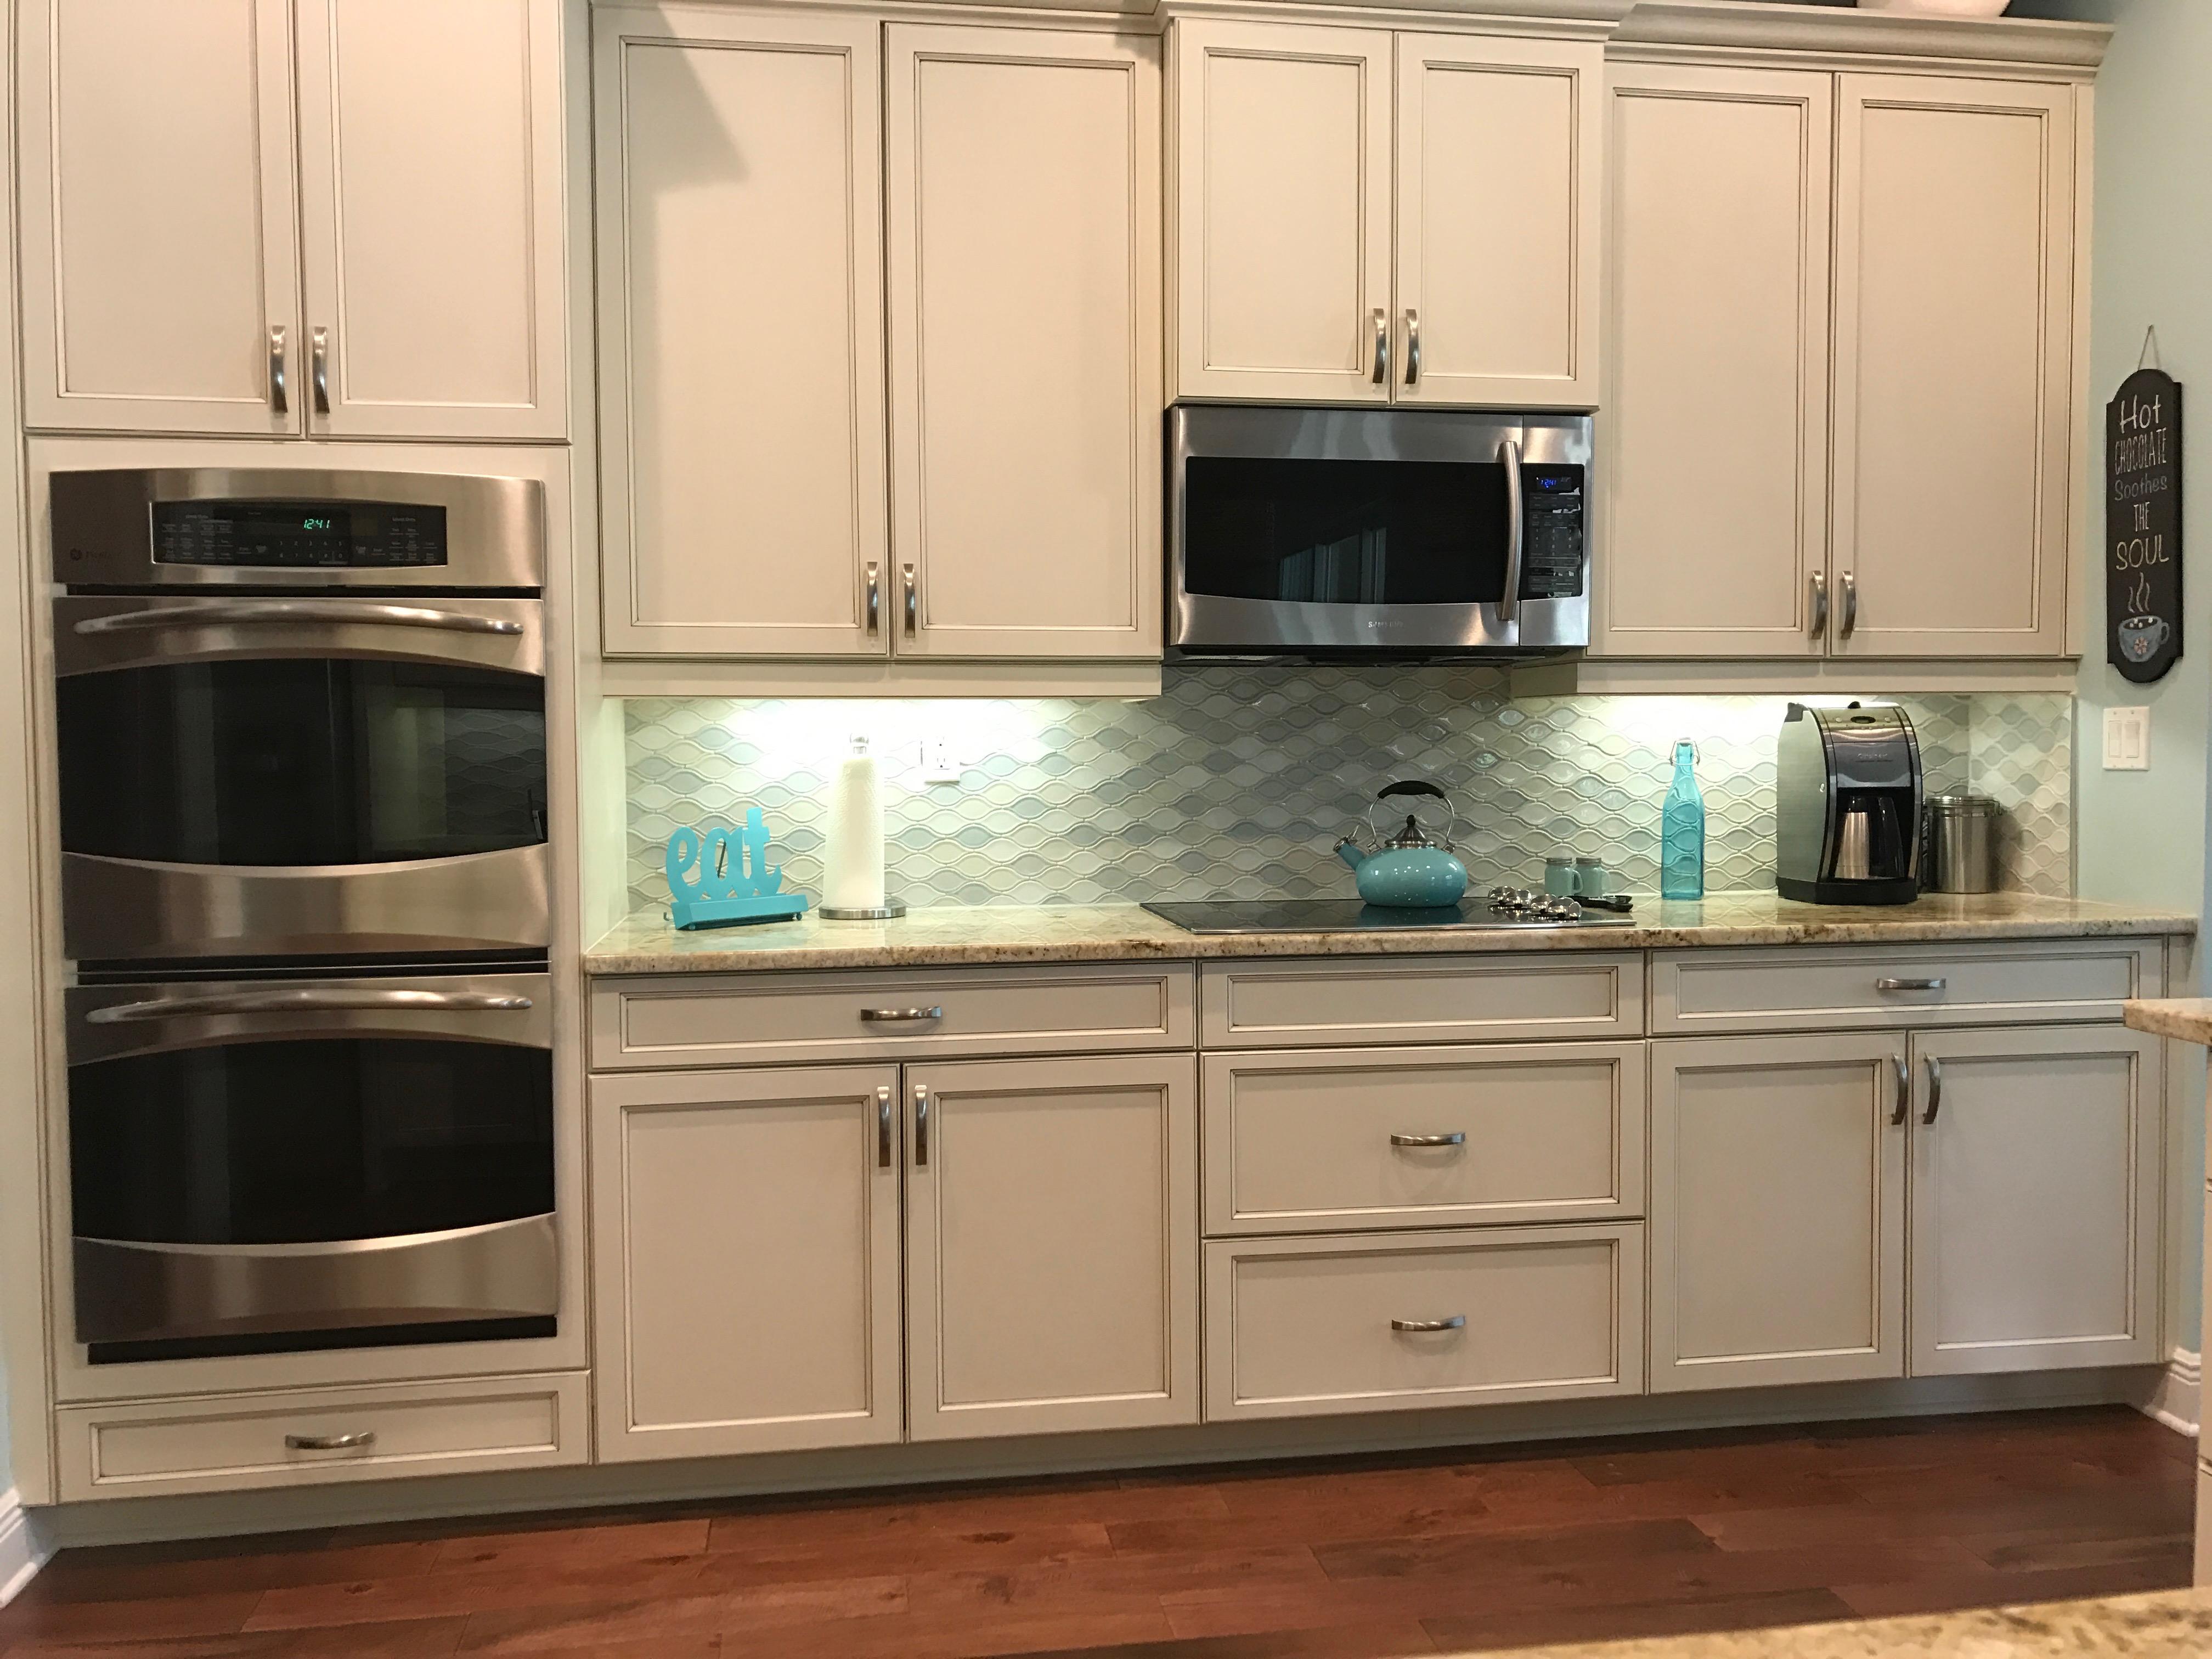 bayside redesign echo kitchen